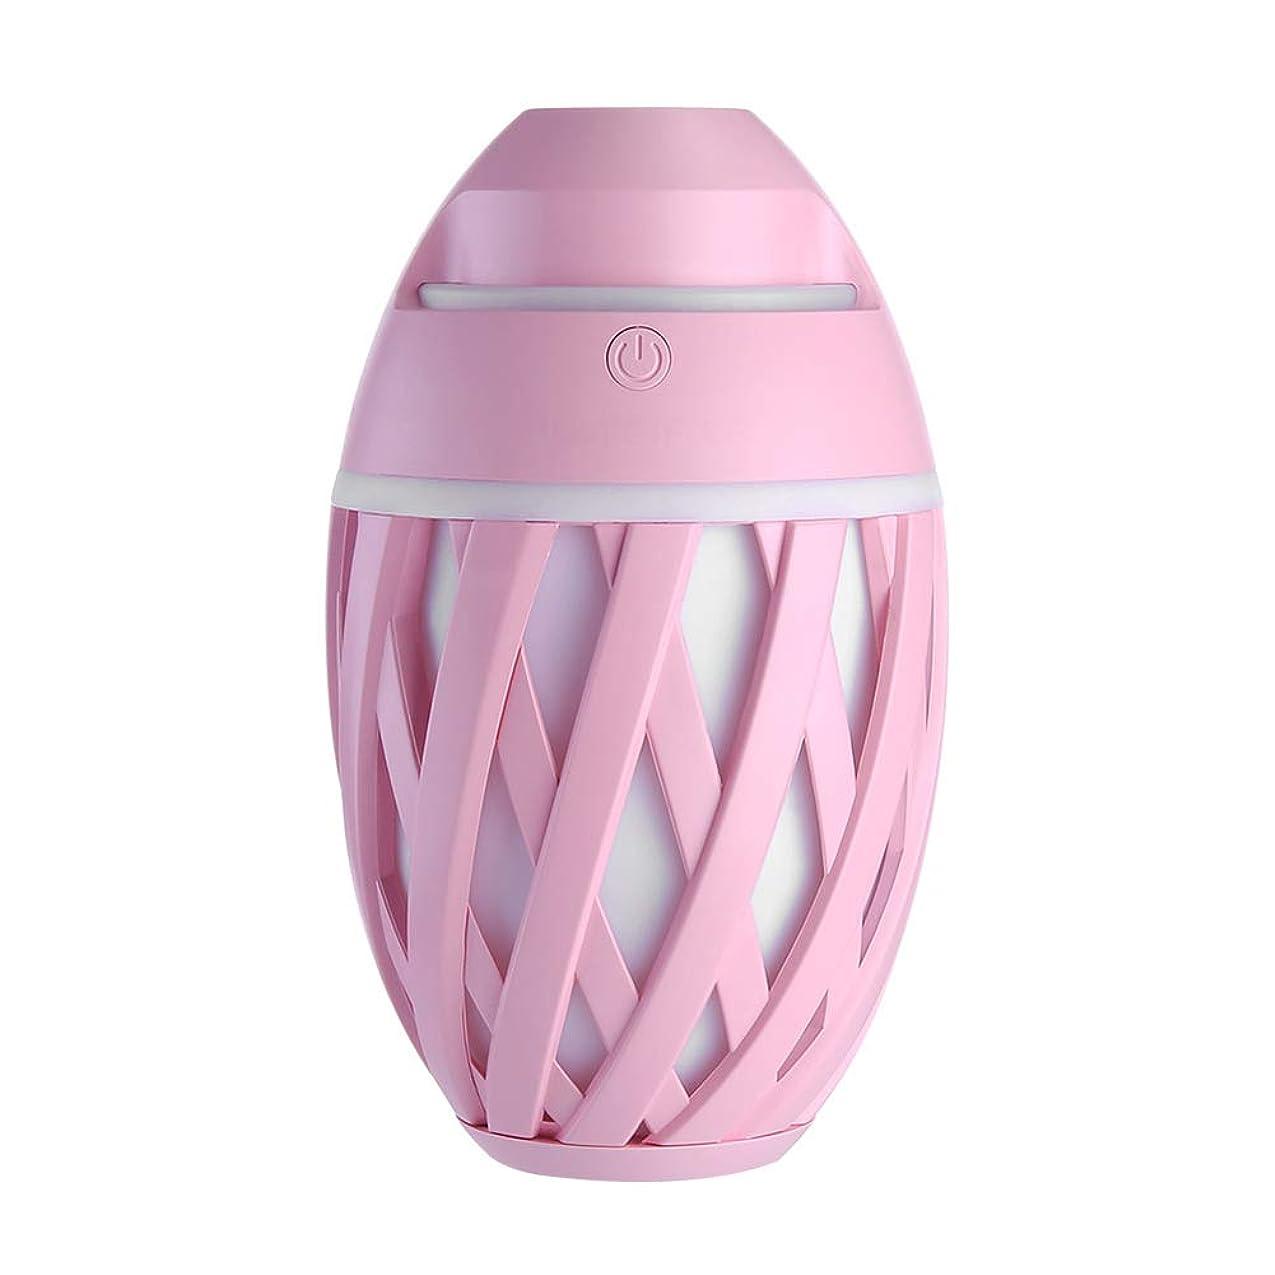 日付ロケットはねかける加湿器ミニUsbホーム静かなエアコンルームオフィス妊娠中の女性の赤ちゃん空気保湿清浄器,Pink